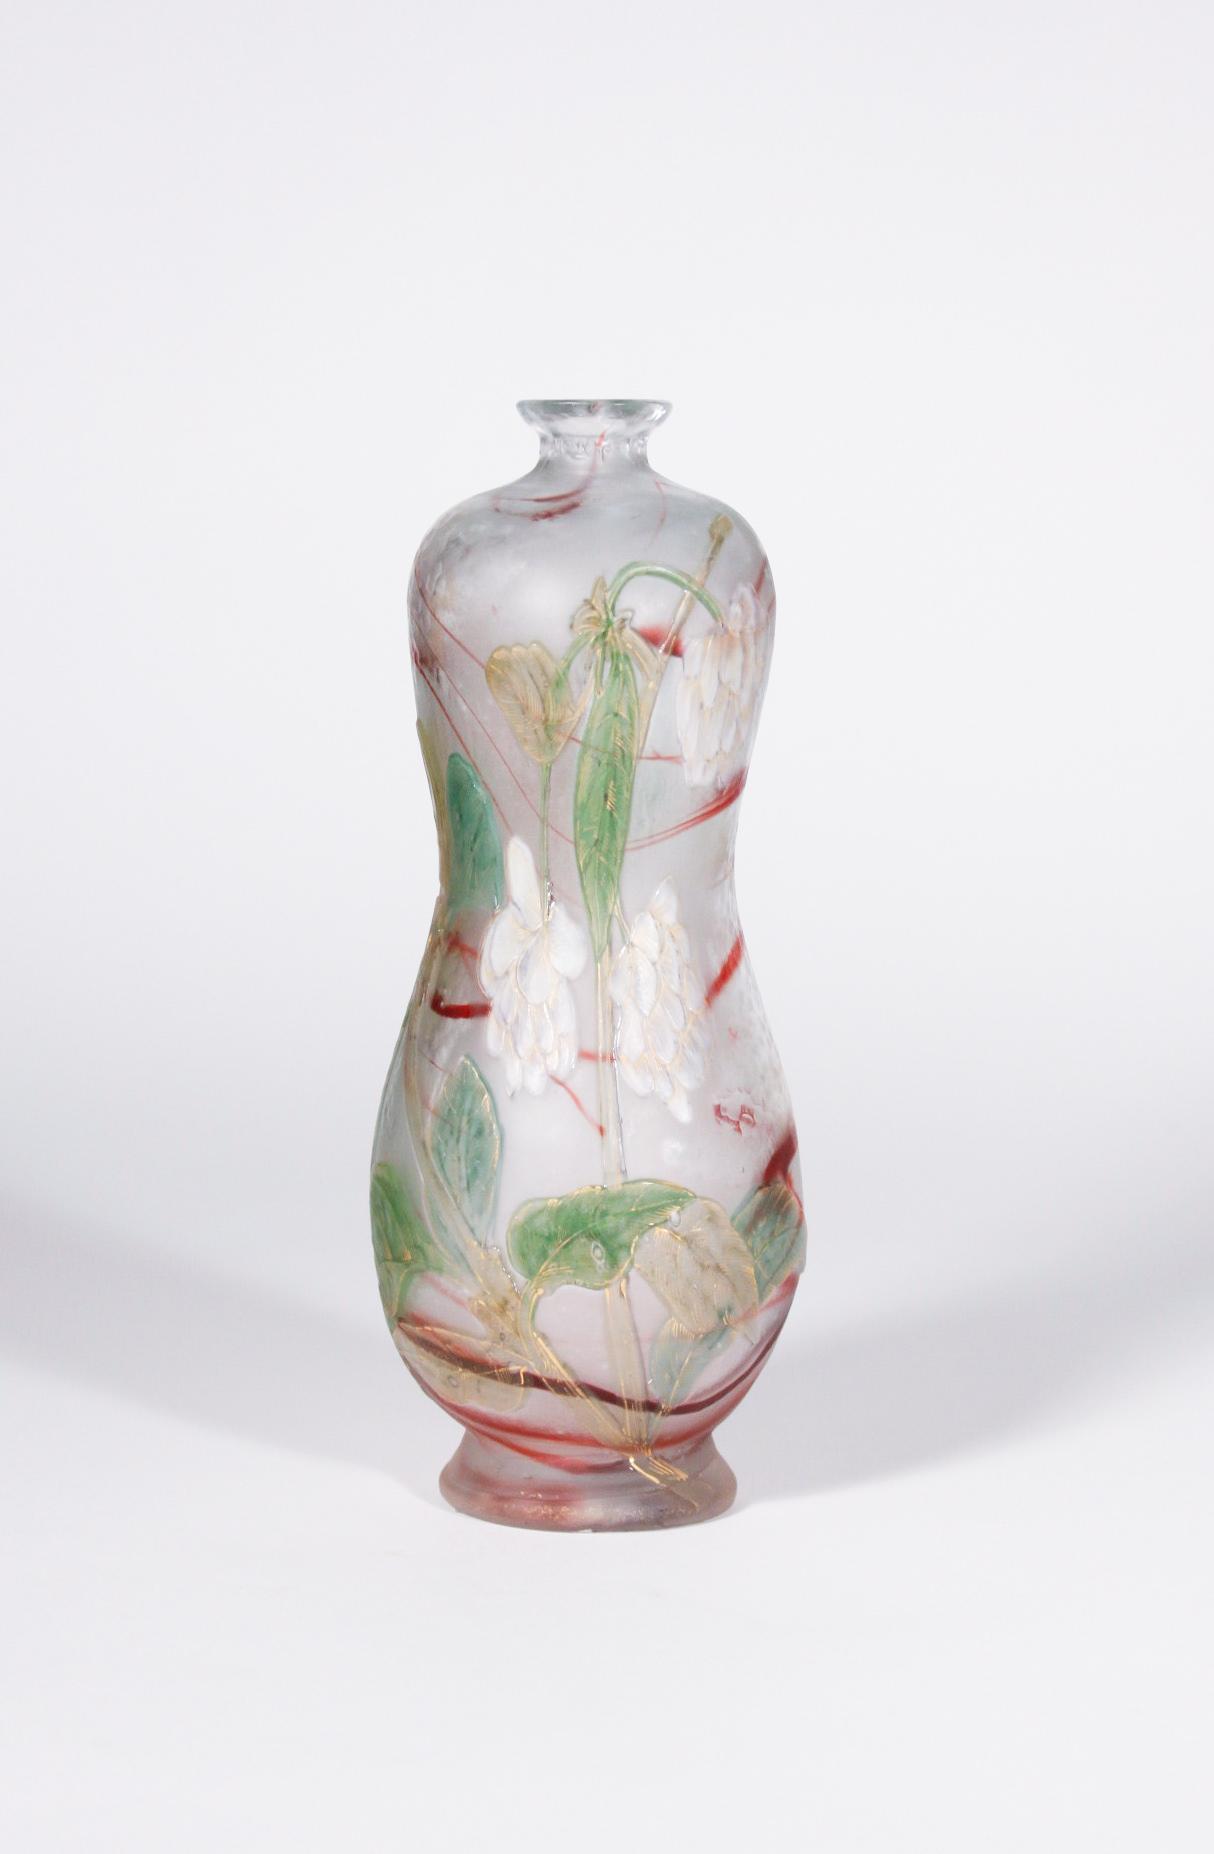 Burgun Schverer & Cie Decorated Vase with White Flowers 1